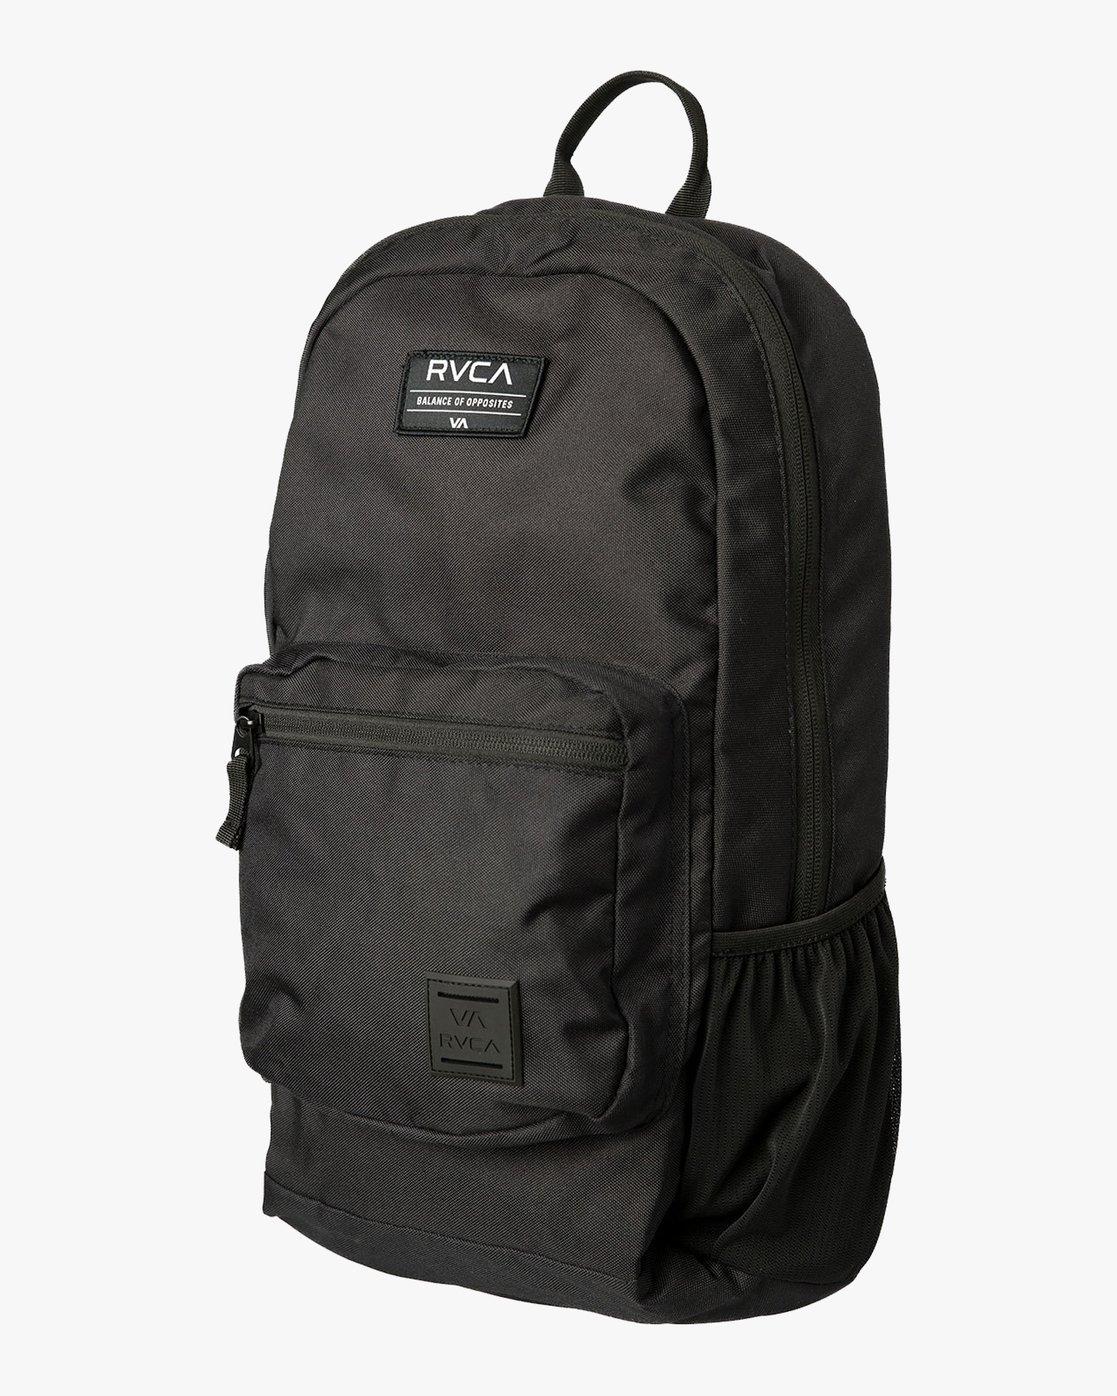 RVCA Mens Estate Backpack Iii